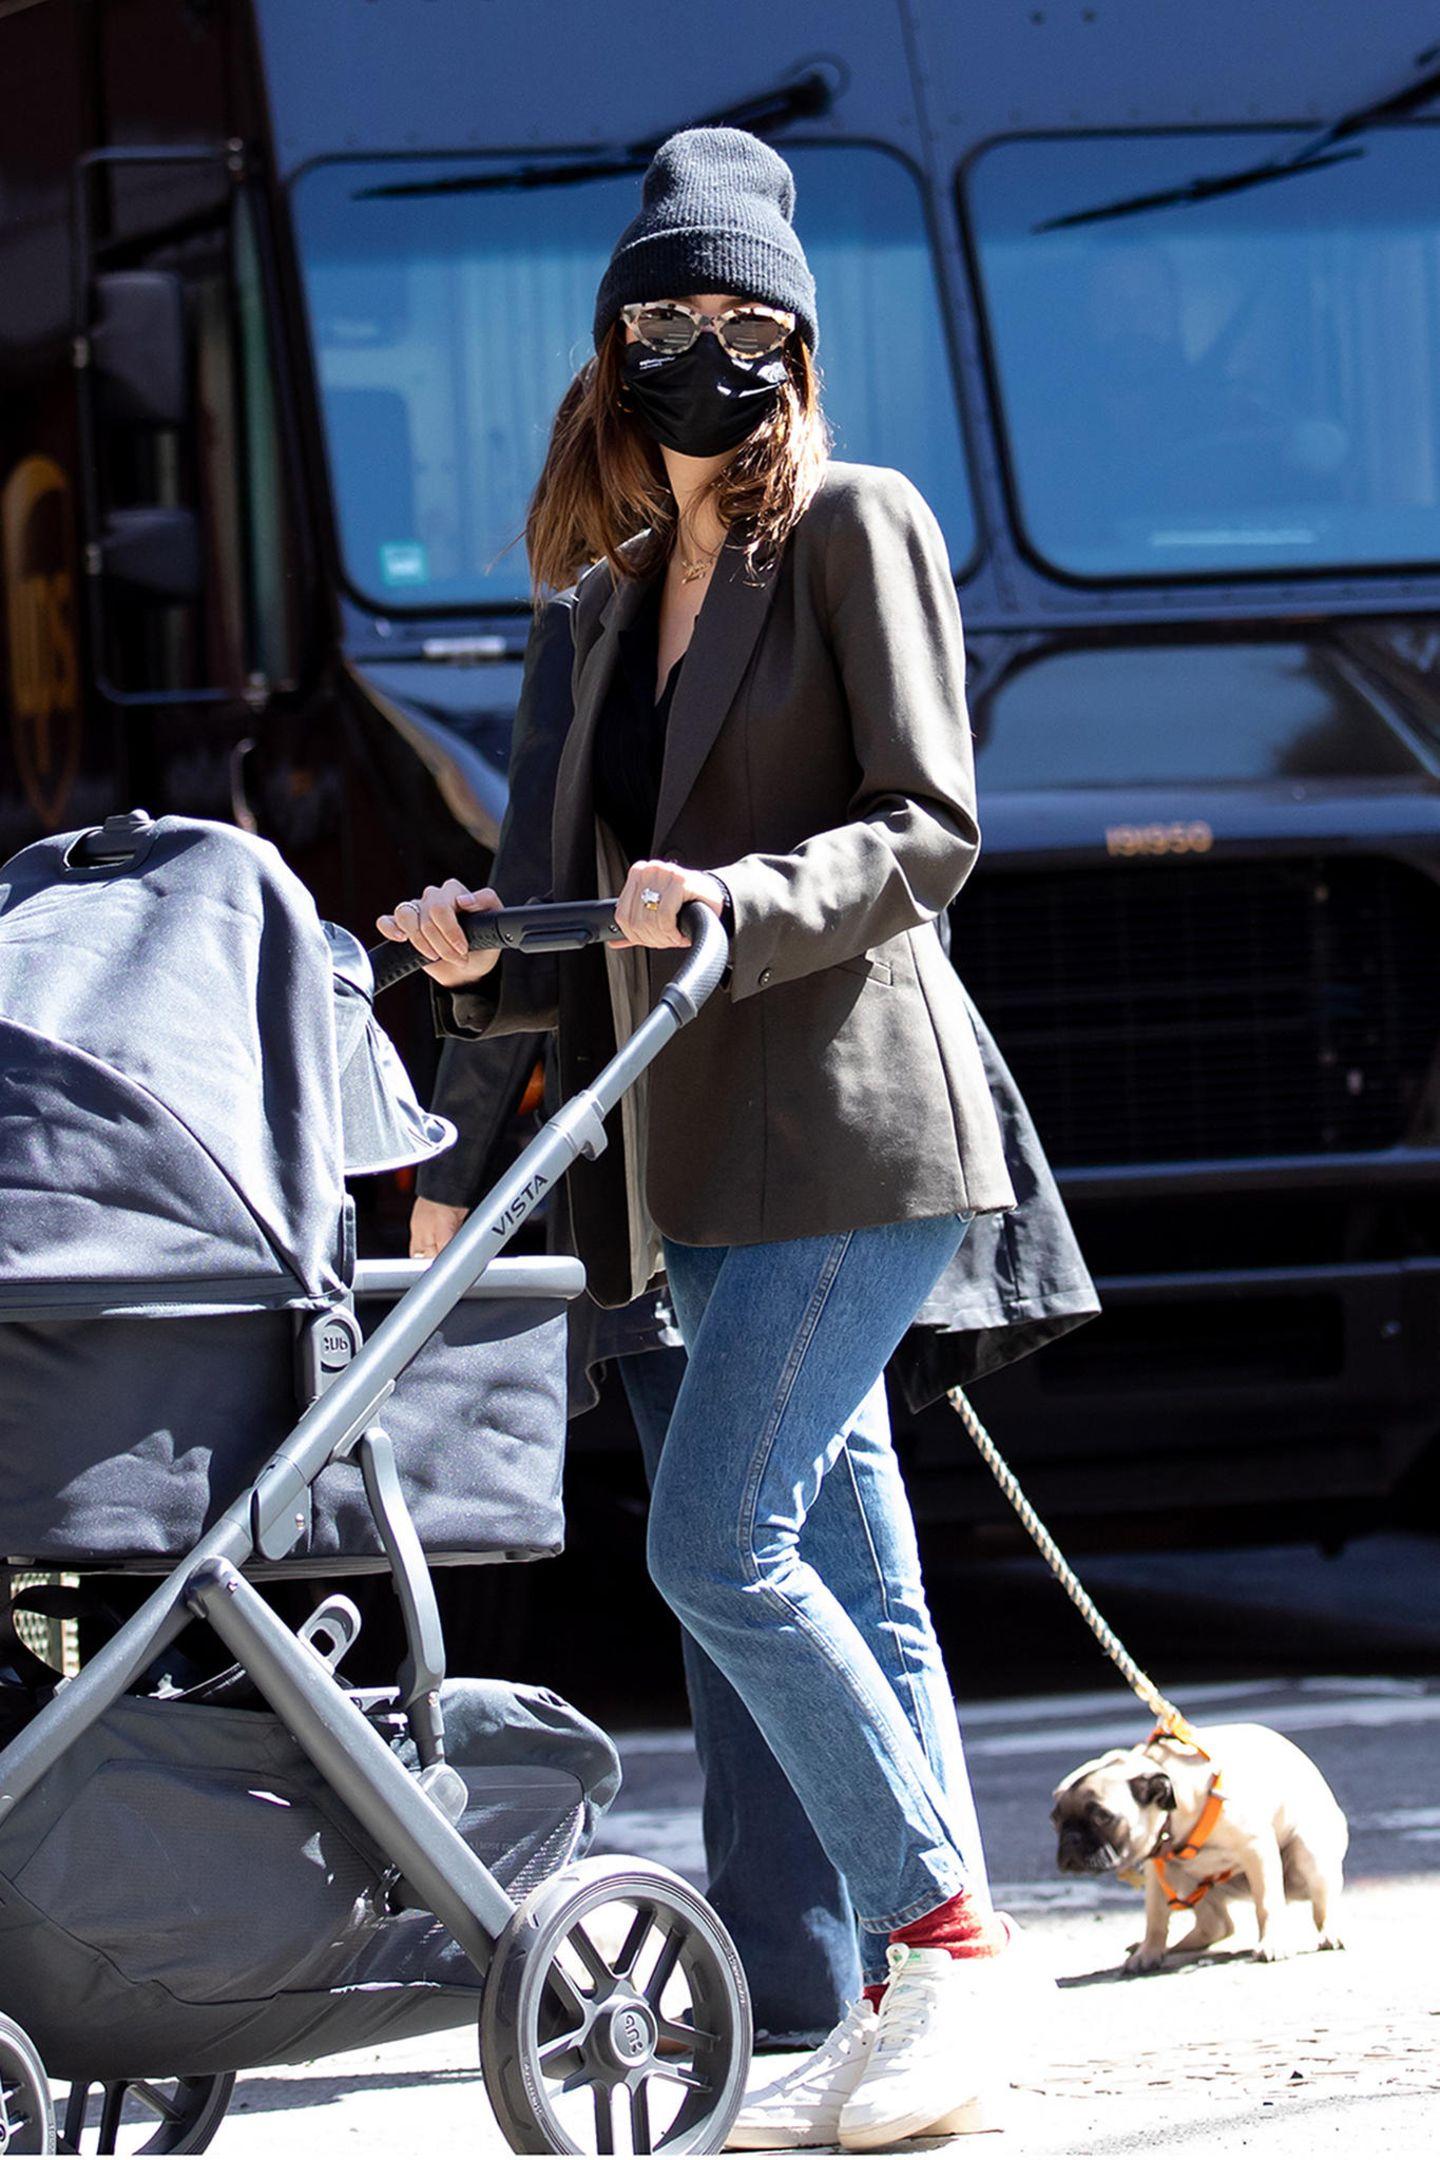 Mit Jeans und grauem Blazer ist Neu-Mama Emily Ratajkowski, hier unterwegs mit ihrem Sylvester, eher unauffällig in New York unterwegs. Aber ein knalliges Detail musste sein: die roten Socken!